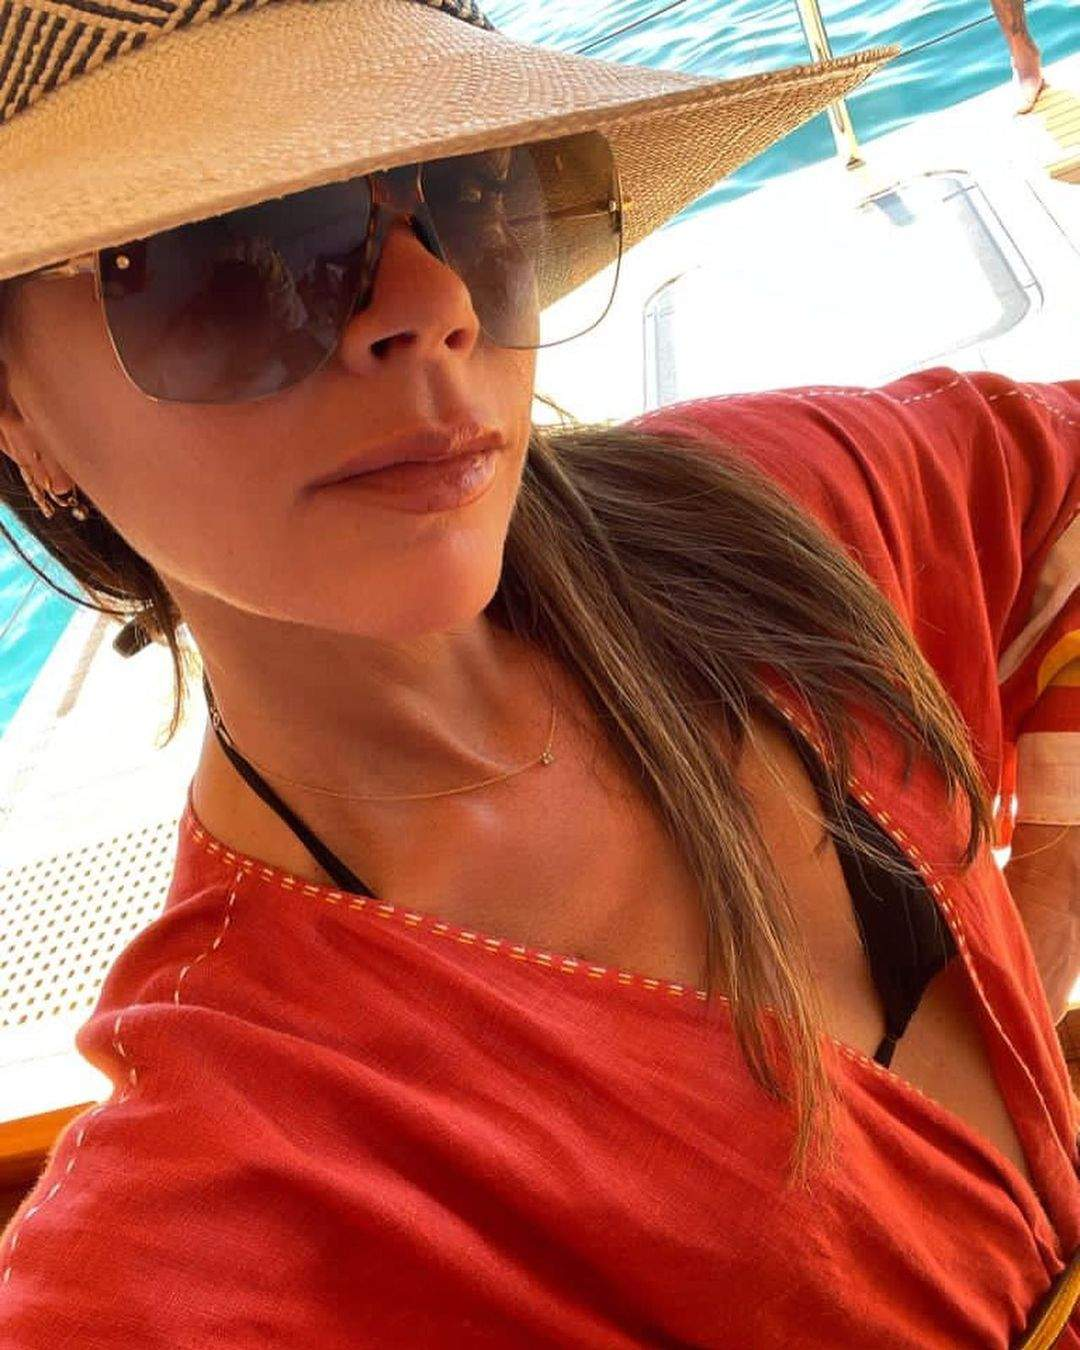 Вікторія Бекхем на відпочинку в Маямі